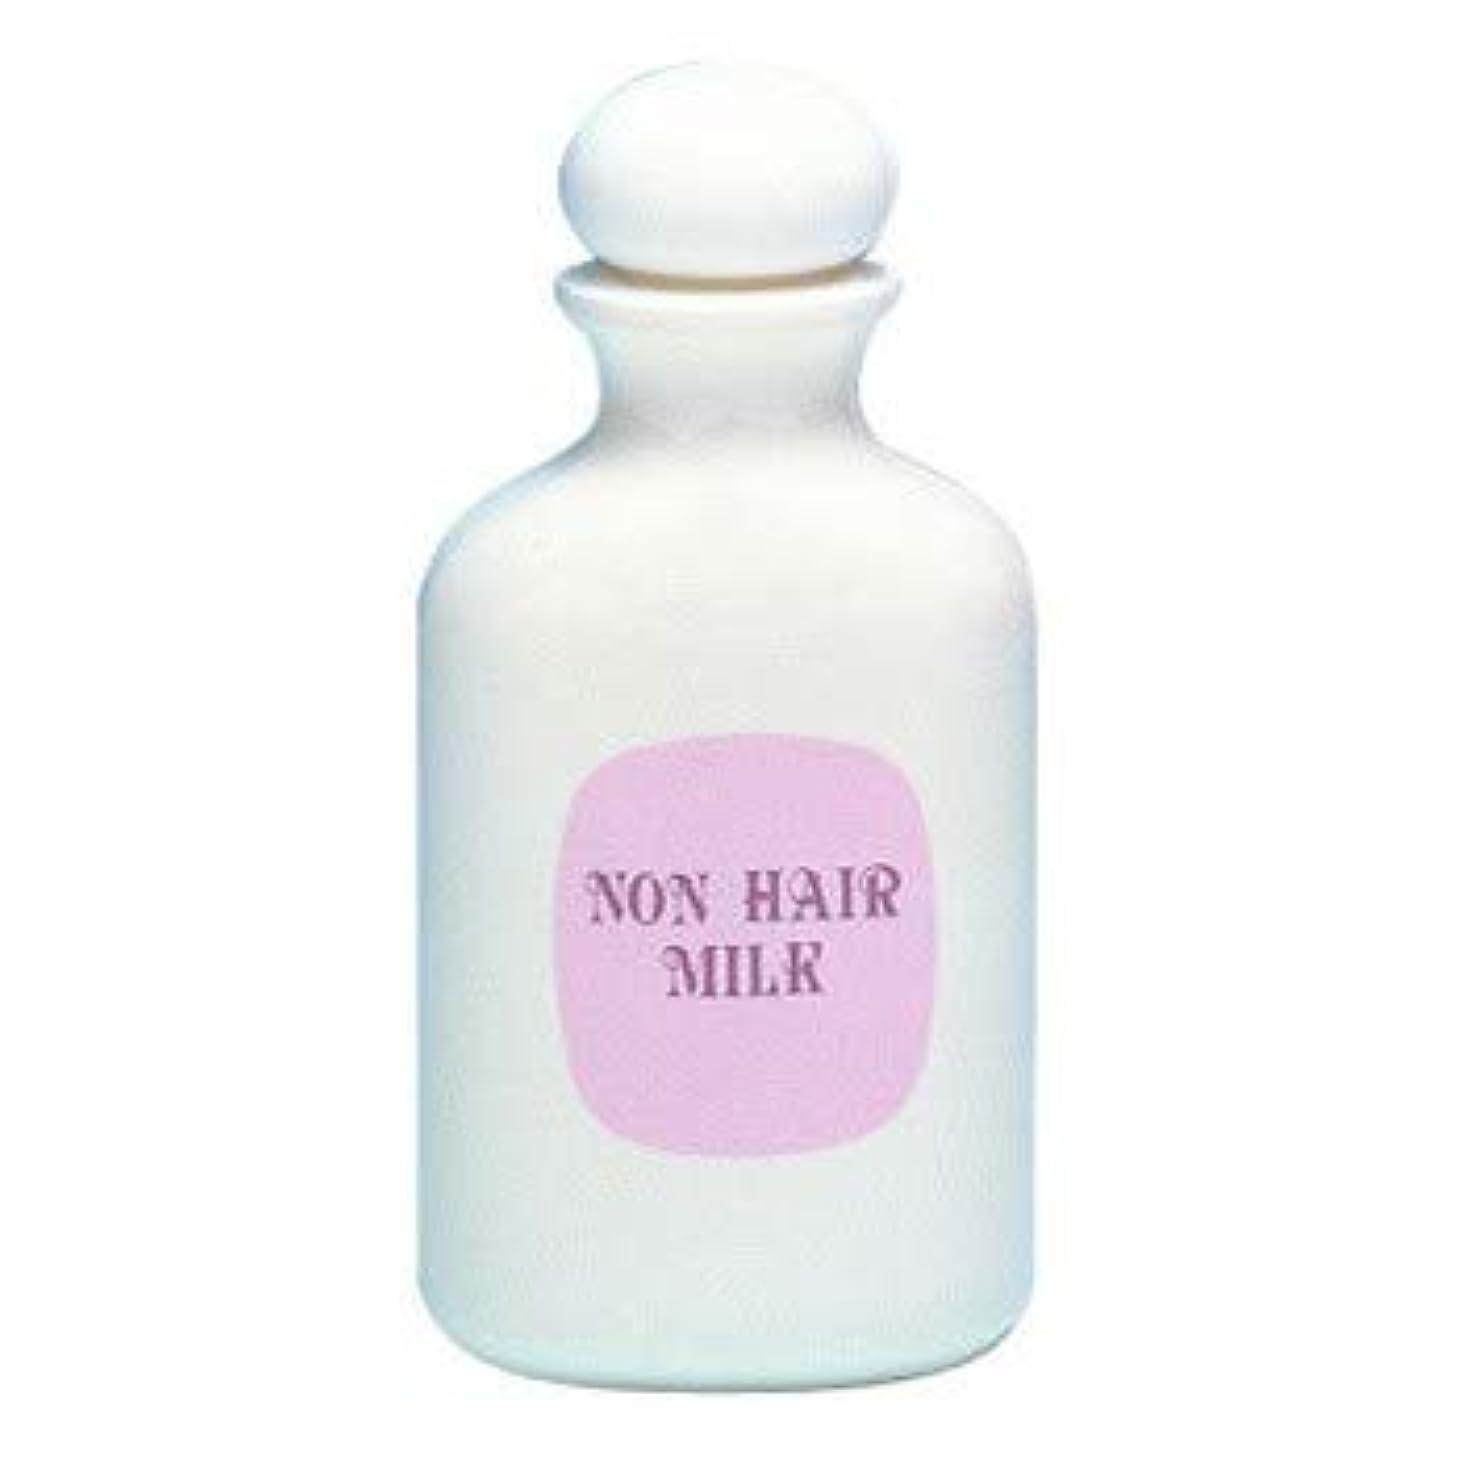 その間窒素印象的除毛クリーム デリケートゾーン ノンヘアーミルク 大容量200ml ムダ毛処理 脱毛 除毛剤